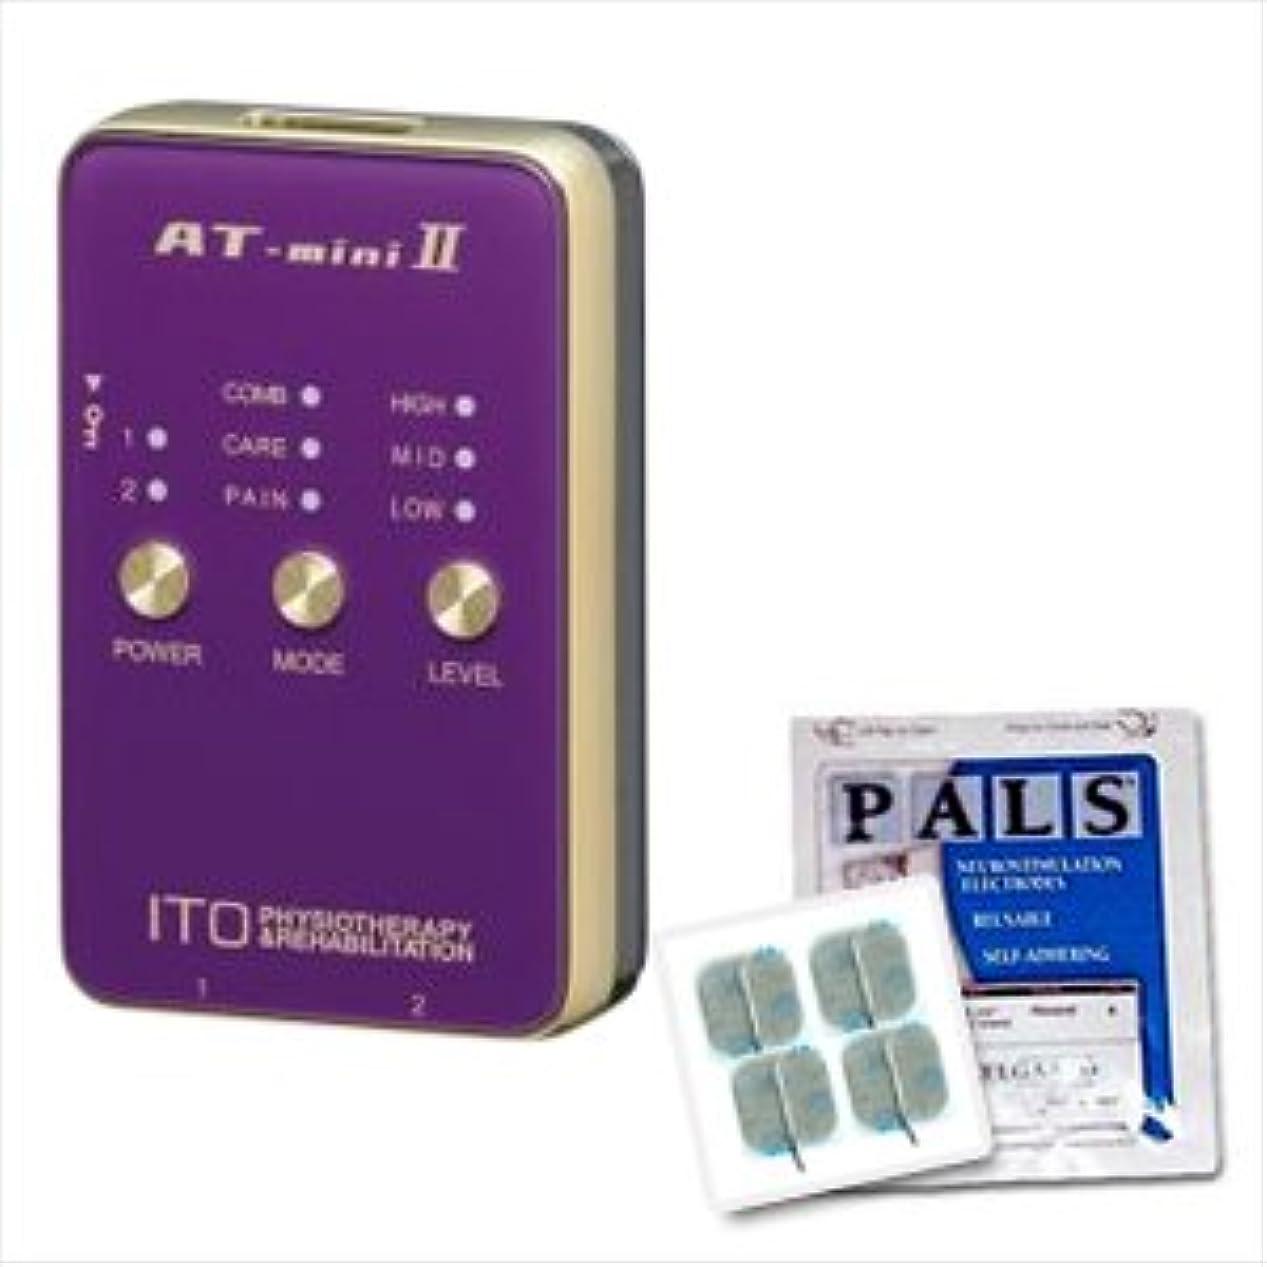 クスクス活力バトル低周波治療器 AT-mini II パープル +アクセルガードMサイズ(5x5cm:1袋4枚入)セット